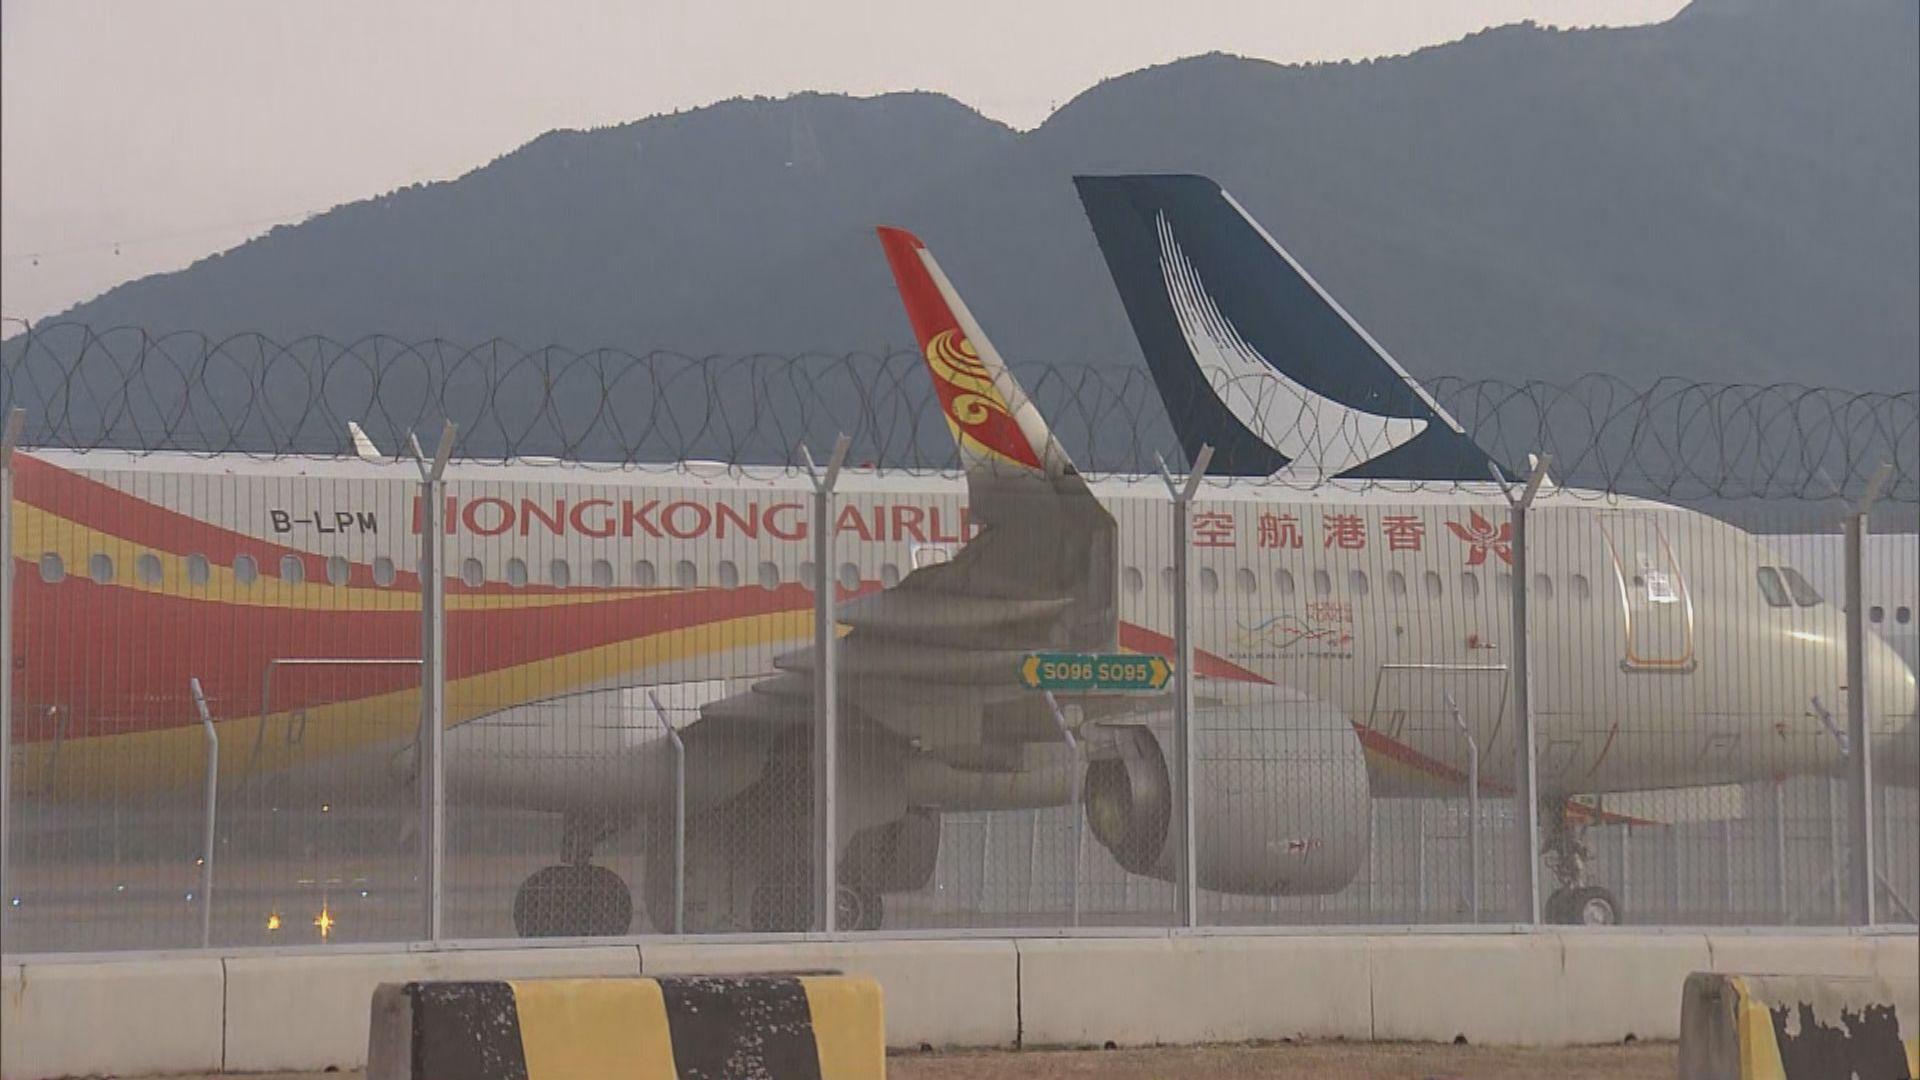 港航下月起停飛A320機隊 機師放假半年獲一個月薪